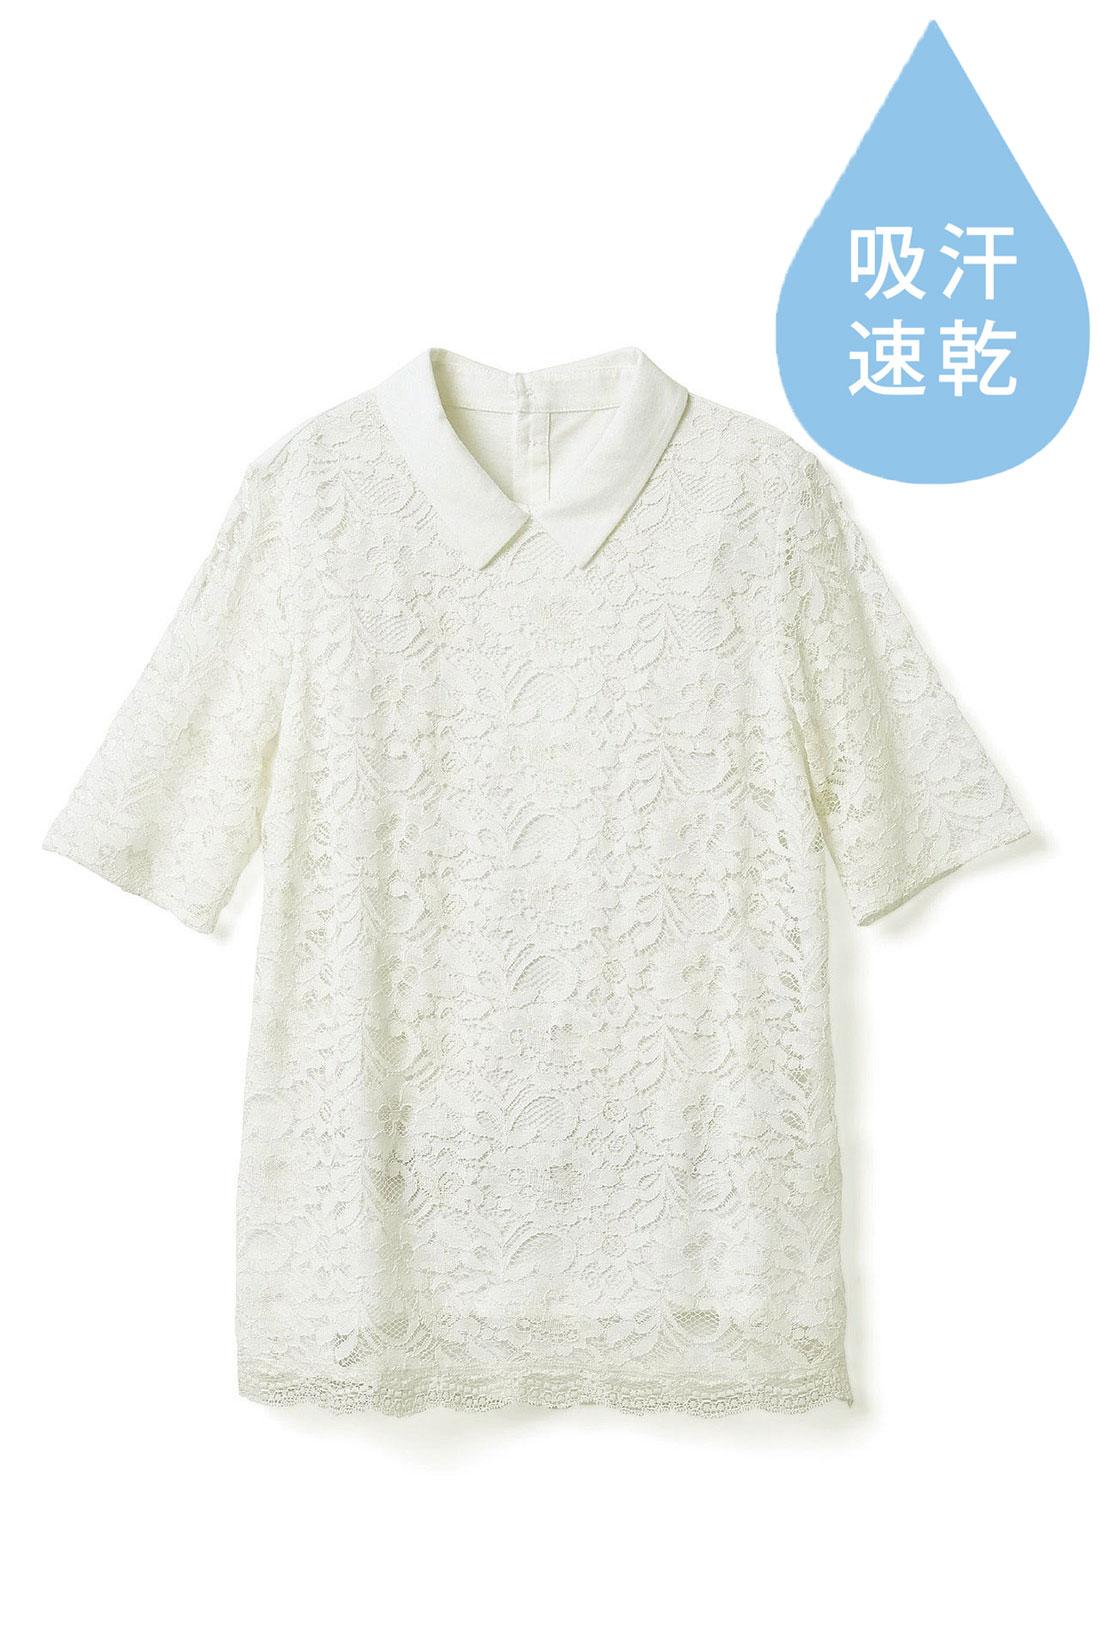 衿もパリッとシャツに見えて実はきれいなカットソーだから、肌あたりがやさしく汚れてもあらいやすい。